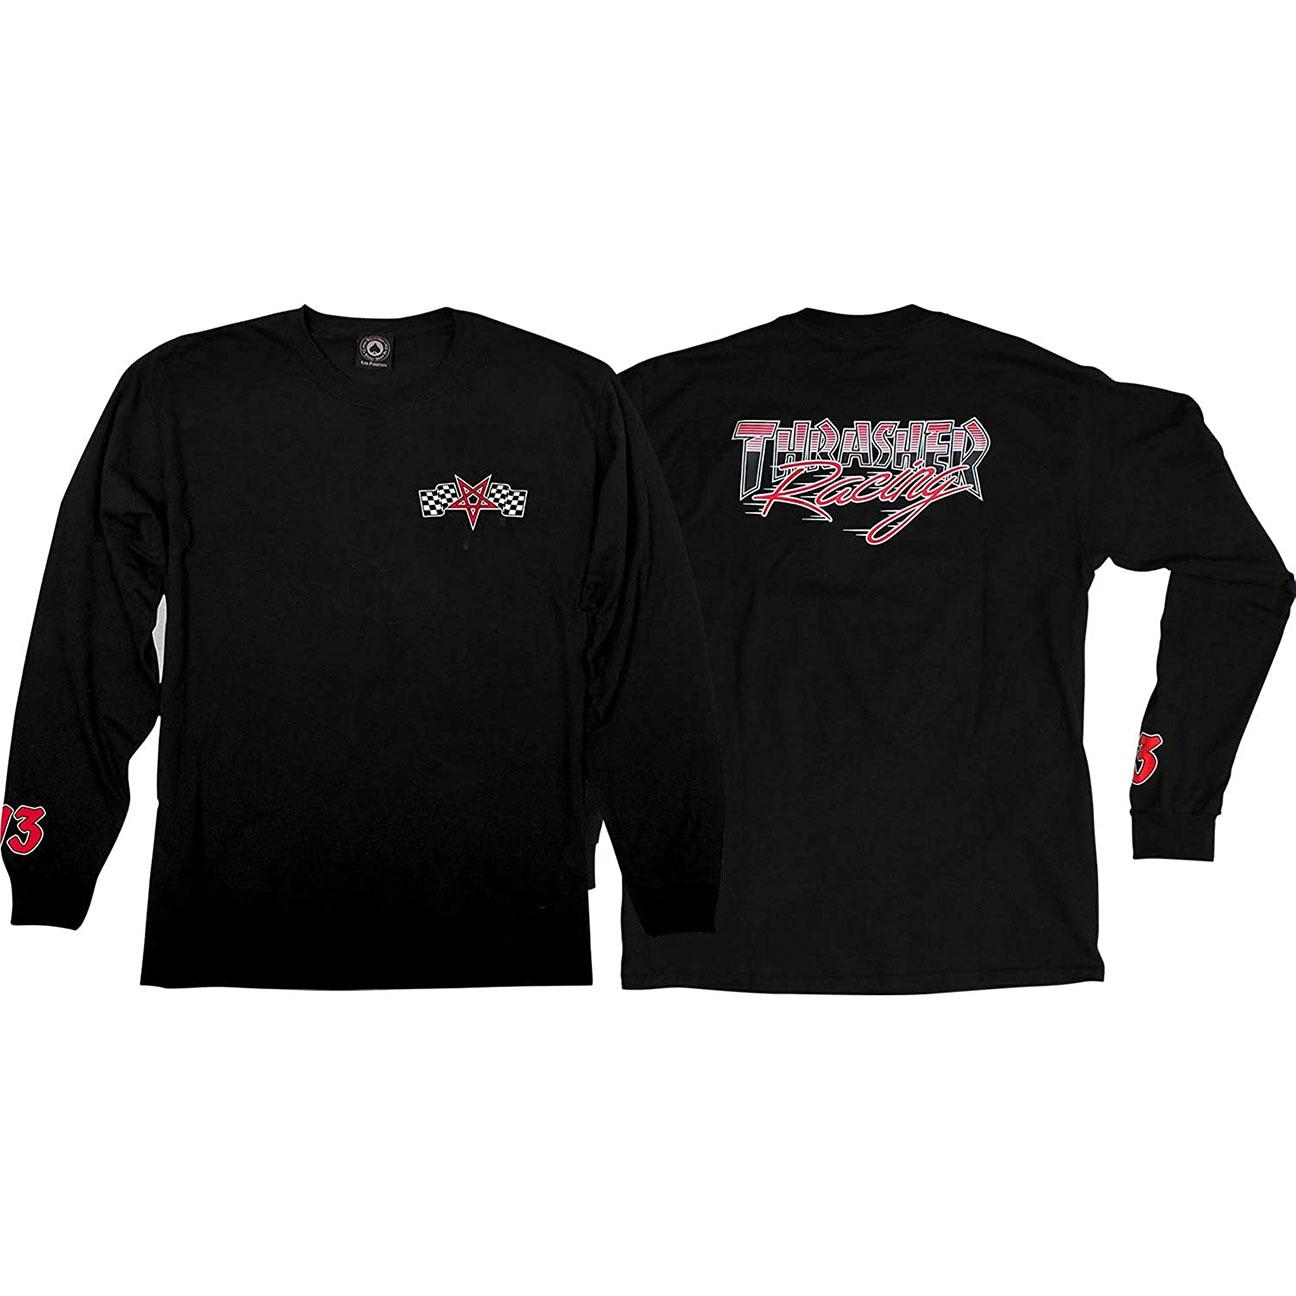 Racing Long-sleeve, Black/Red-1